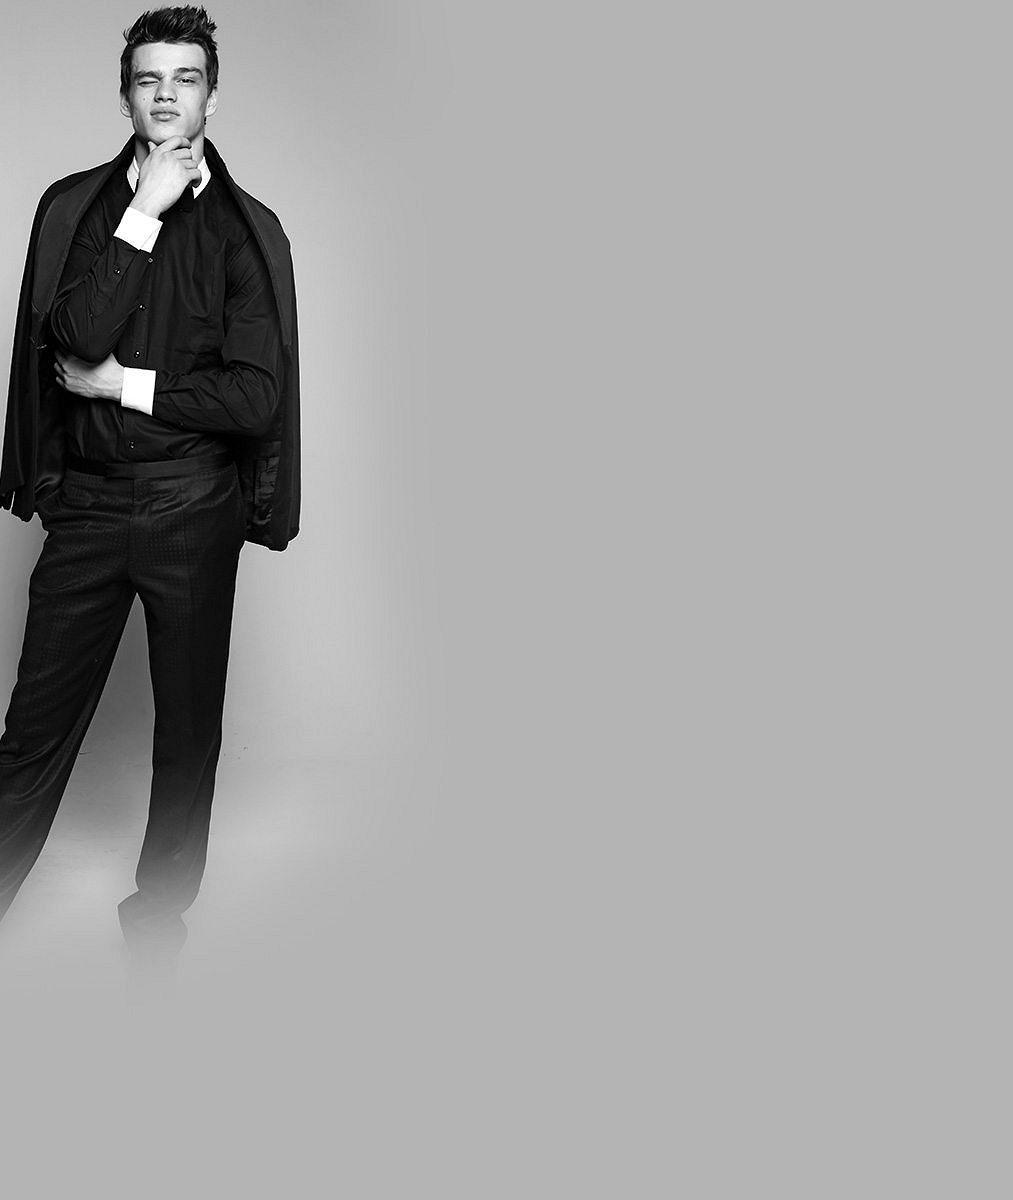 Podlomí se vám kolena? První slovenský supermodel se vrací do Prahy